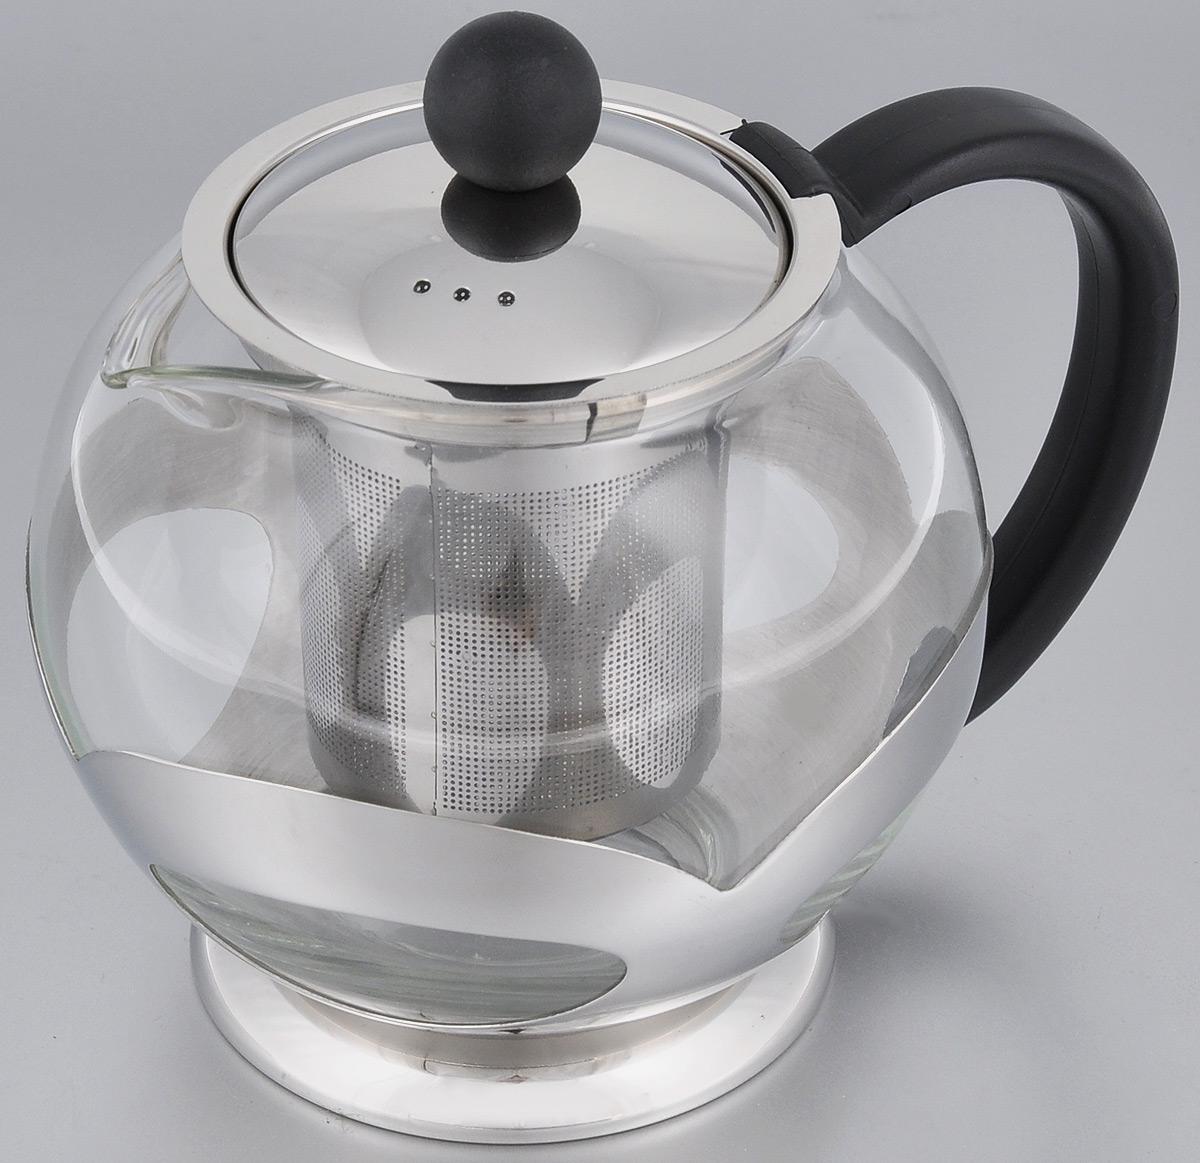 Чайник заварочный Miolla, с фильтром, 750 мл1014078UЗаварочный чайник Miolla, изготовленный из термостойкого стекла, предоставит вам все необходимые возможности для успешного заваривания чая. Чай в таком чайнике дольше остается горячим, а полезные и ароматические вещества полностью сохраняются в напитке. Чайник оснащен фильтром, который выполнен из нержавеющей стали. Простой и удобный чайник поможет вам приготовить крепкий, ароматный чай. Нельзя мыть в посудомоечной машине. Не использовать в микроволновой печи. Диаметр чайника (по верхнему краю): 7,5 см. Высота чайника (без учета крышки): 11,5 см. Высота фильтра: 8 см.